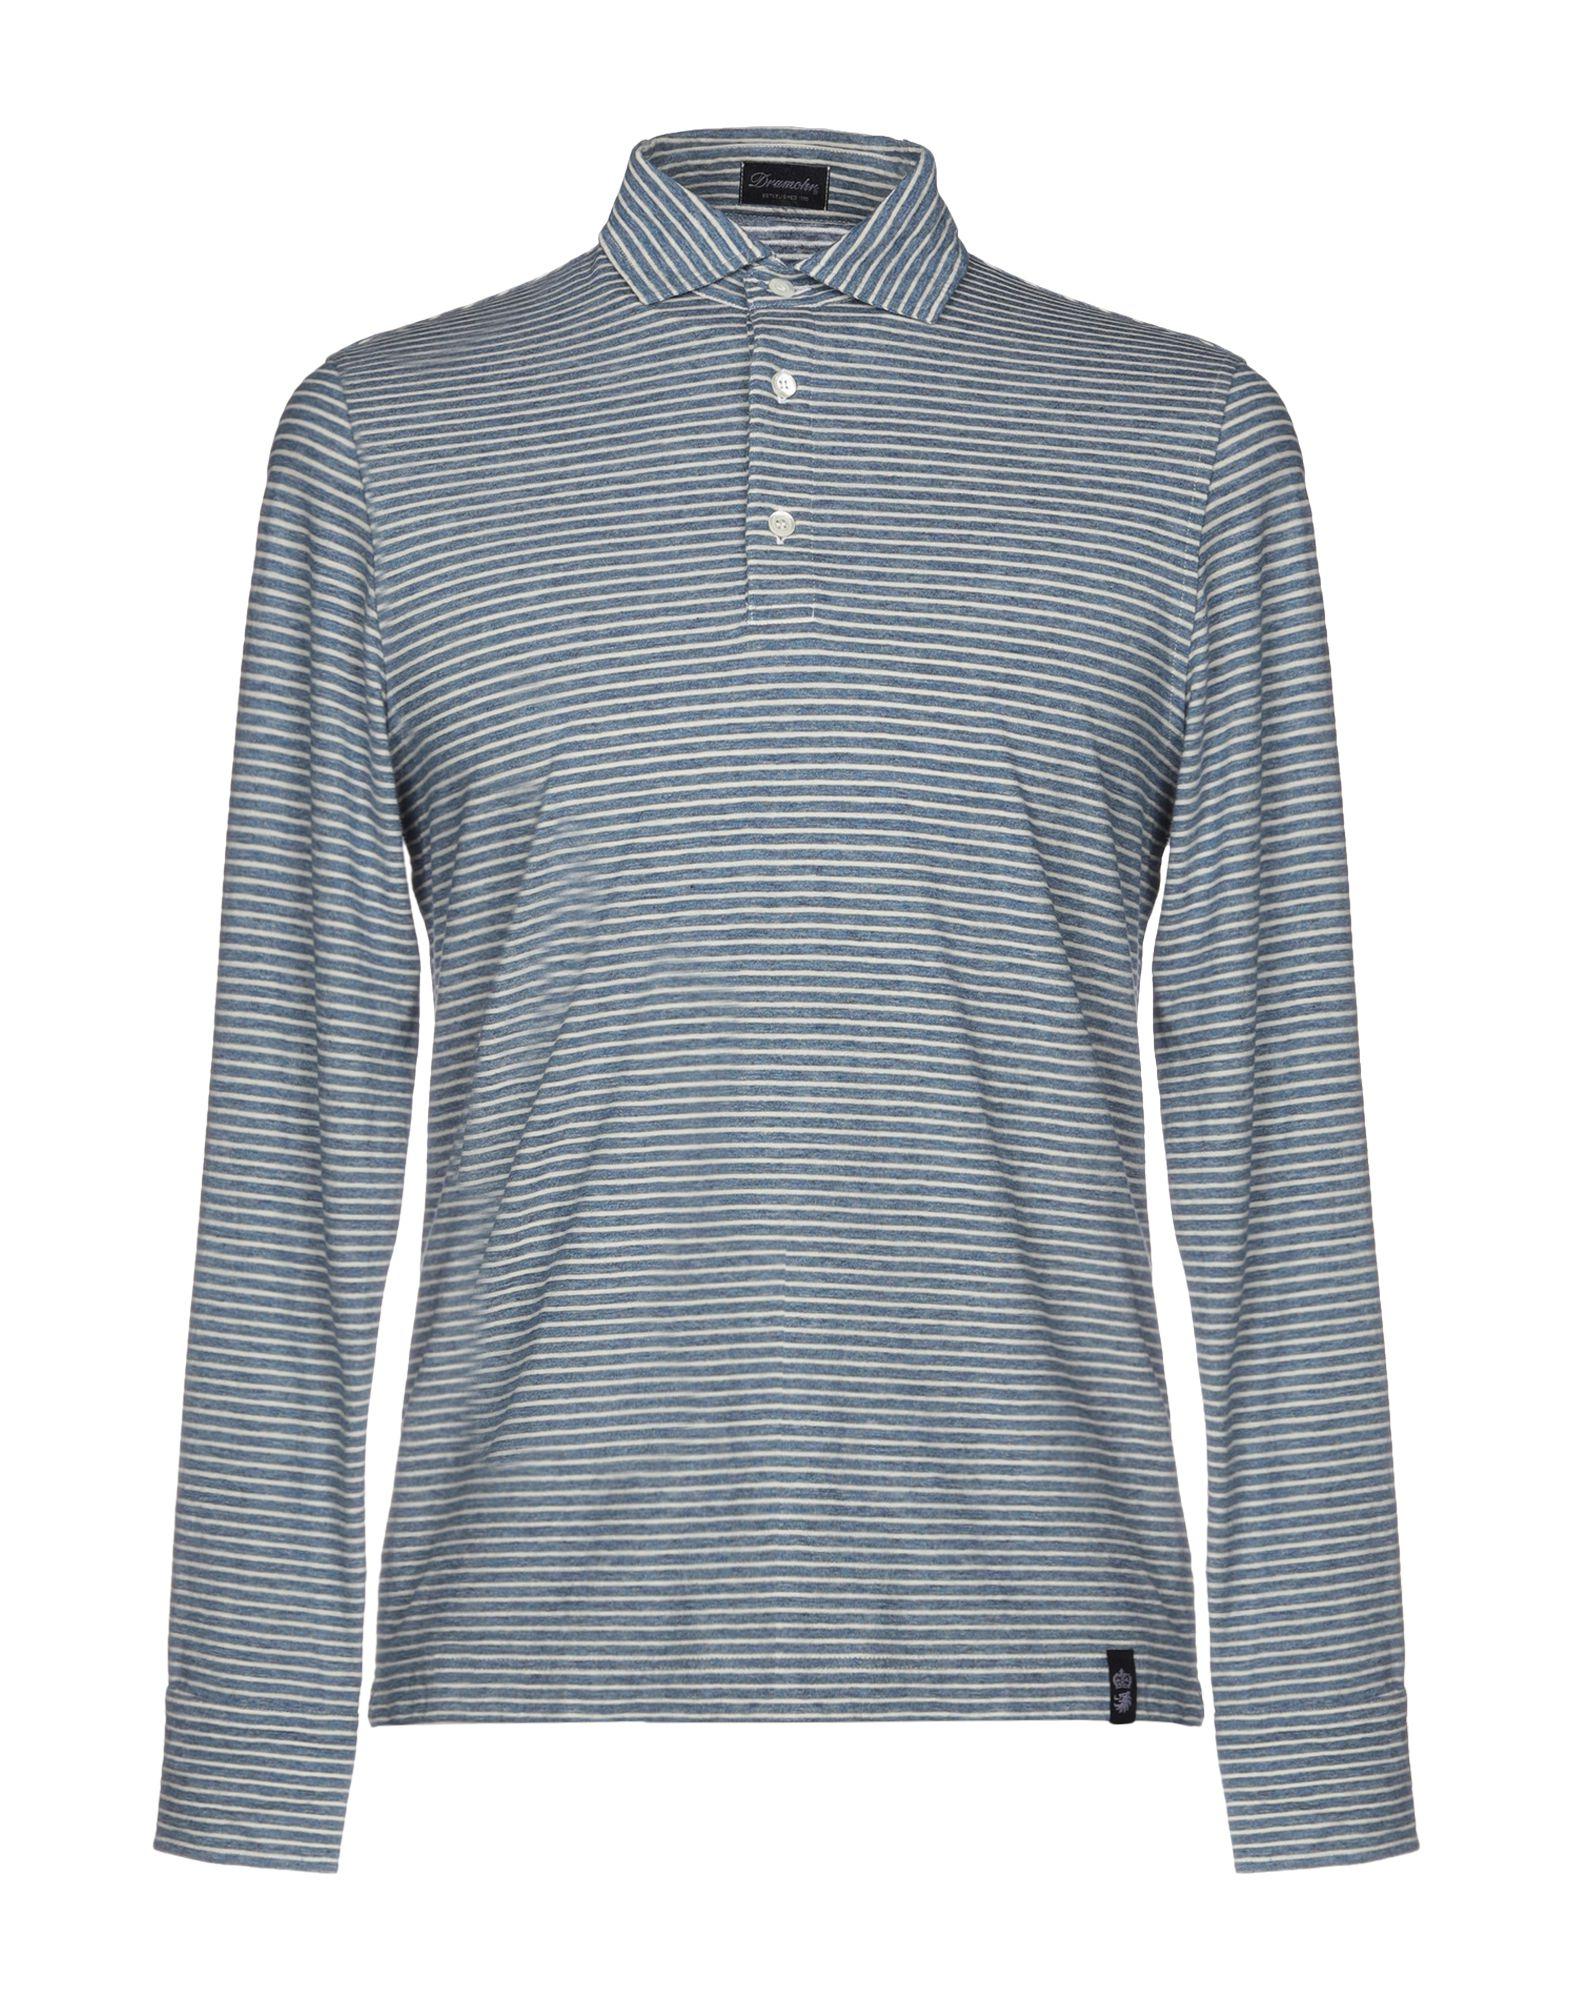 《送料無料》DRUMOHR メンズ ポロシャツ ブルー S コットン 100%